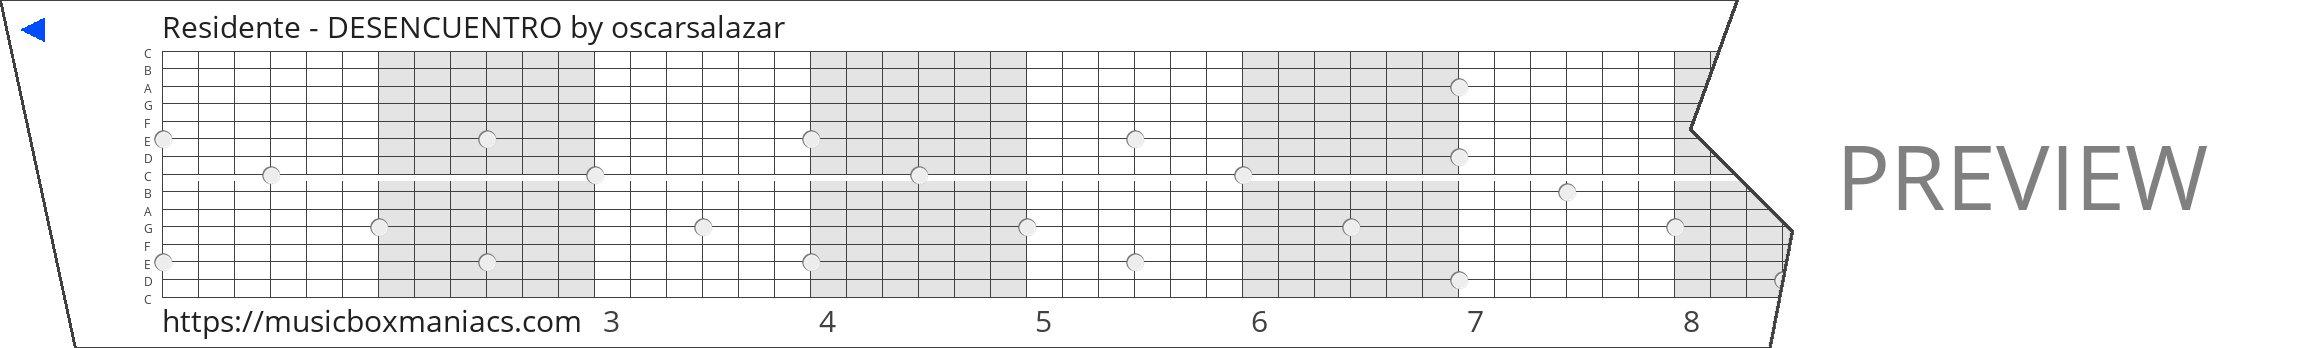 Residente - DESENCUENTRO 15 note music box paper strip